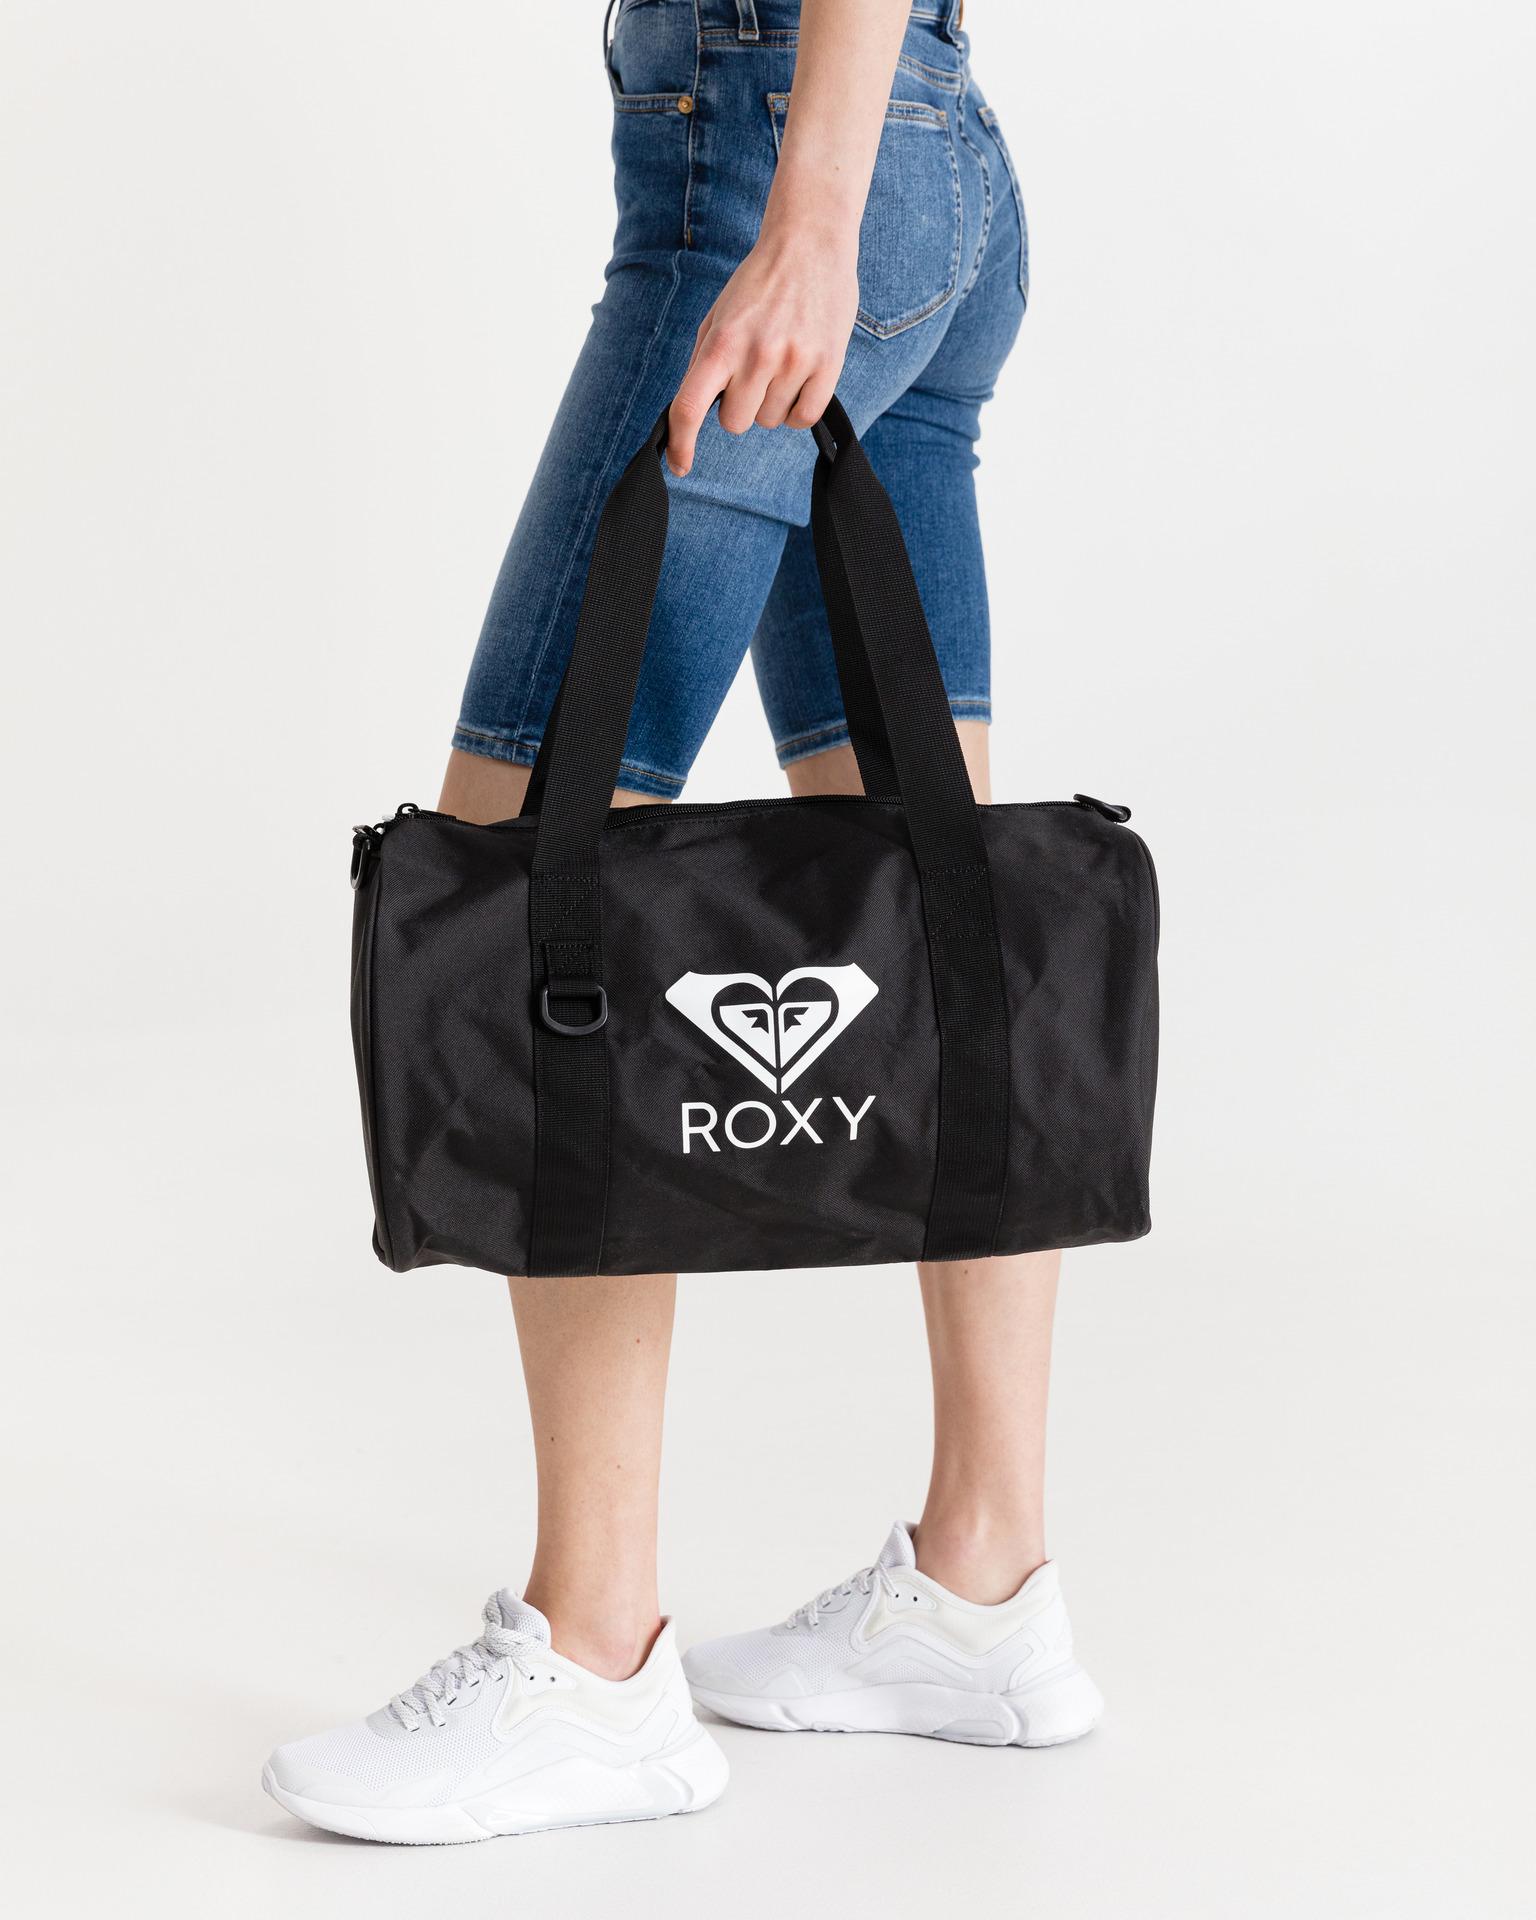 Roxy Borsa donna nero